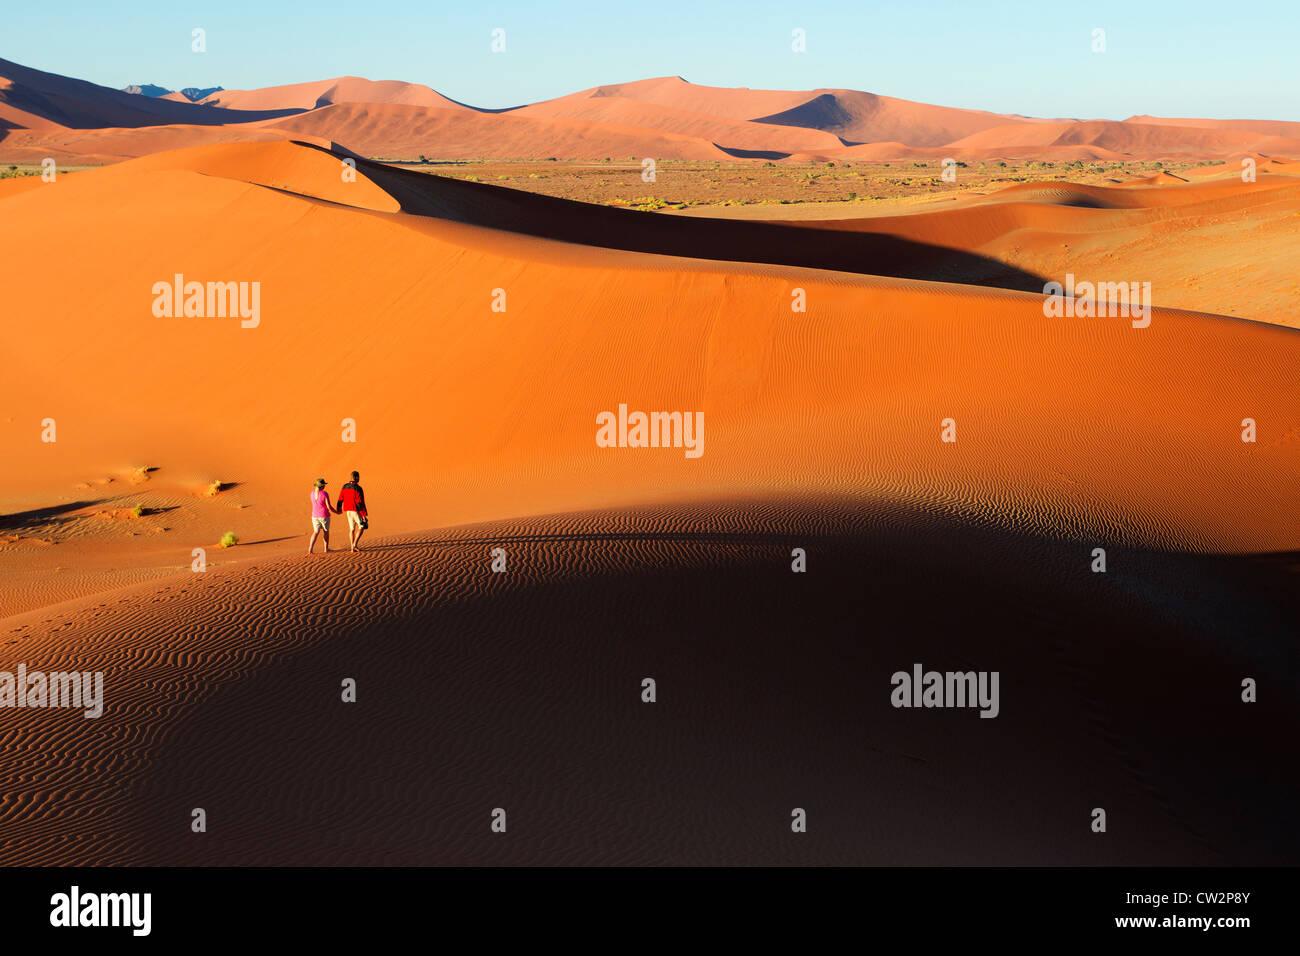 Par de caminar a lo largo del borde de las dunas de arena,Soussvlei,Namibia. Imagen De Stock